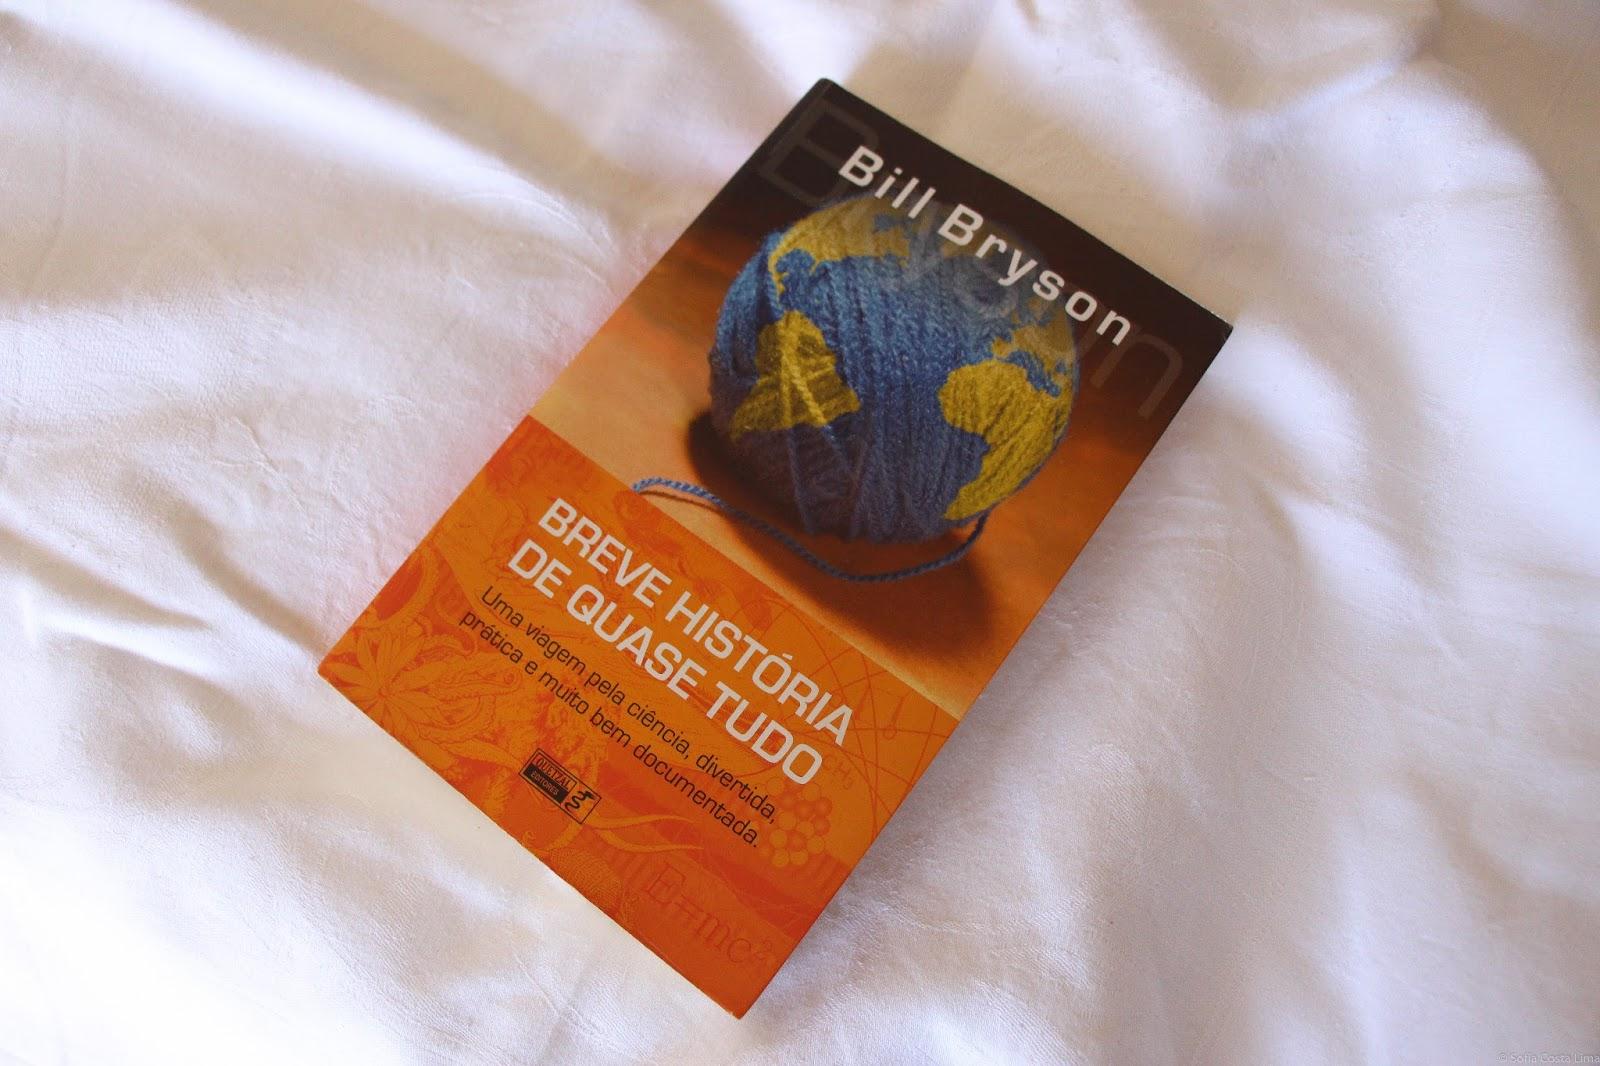 breve história de quase tudo - bill bryson